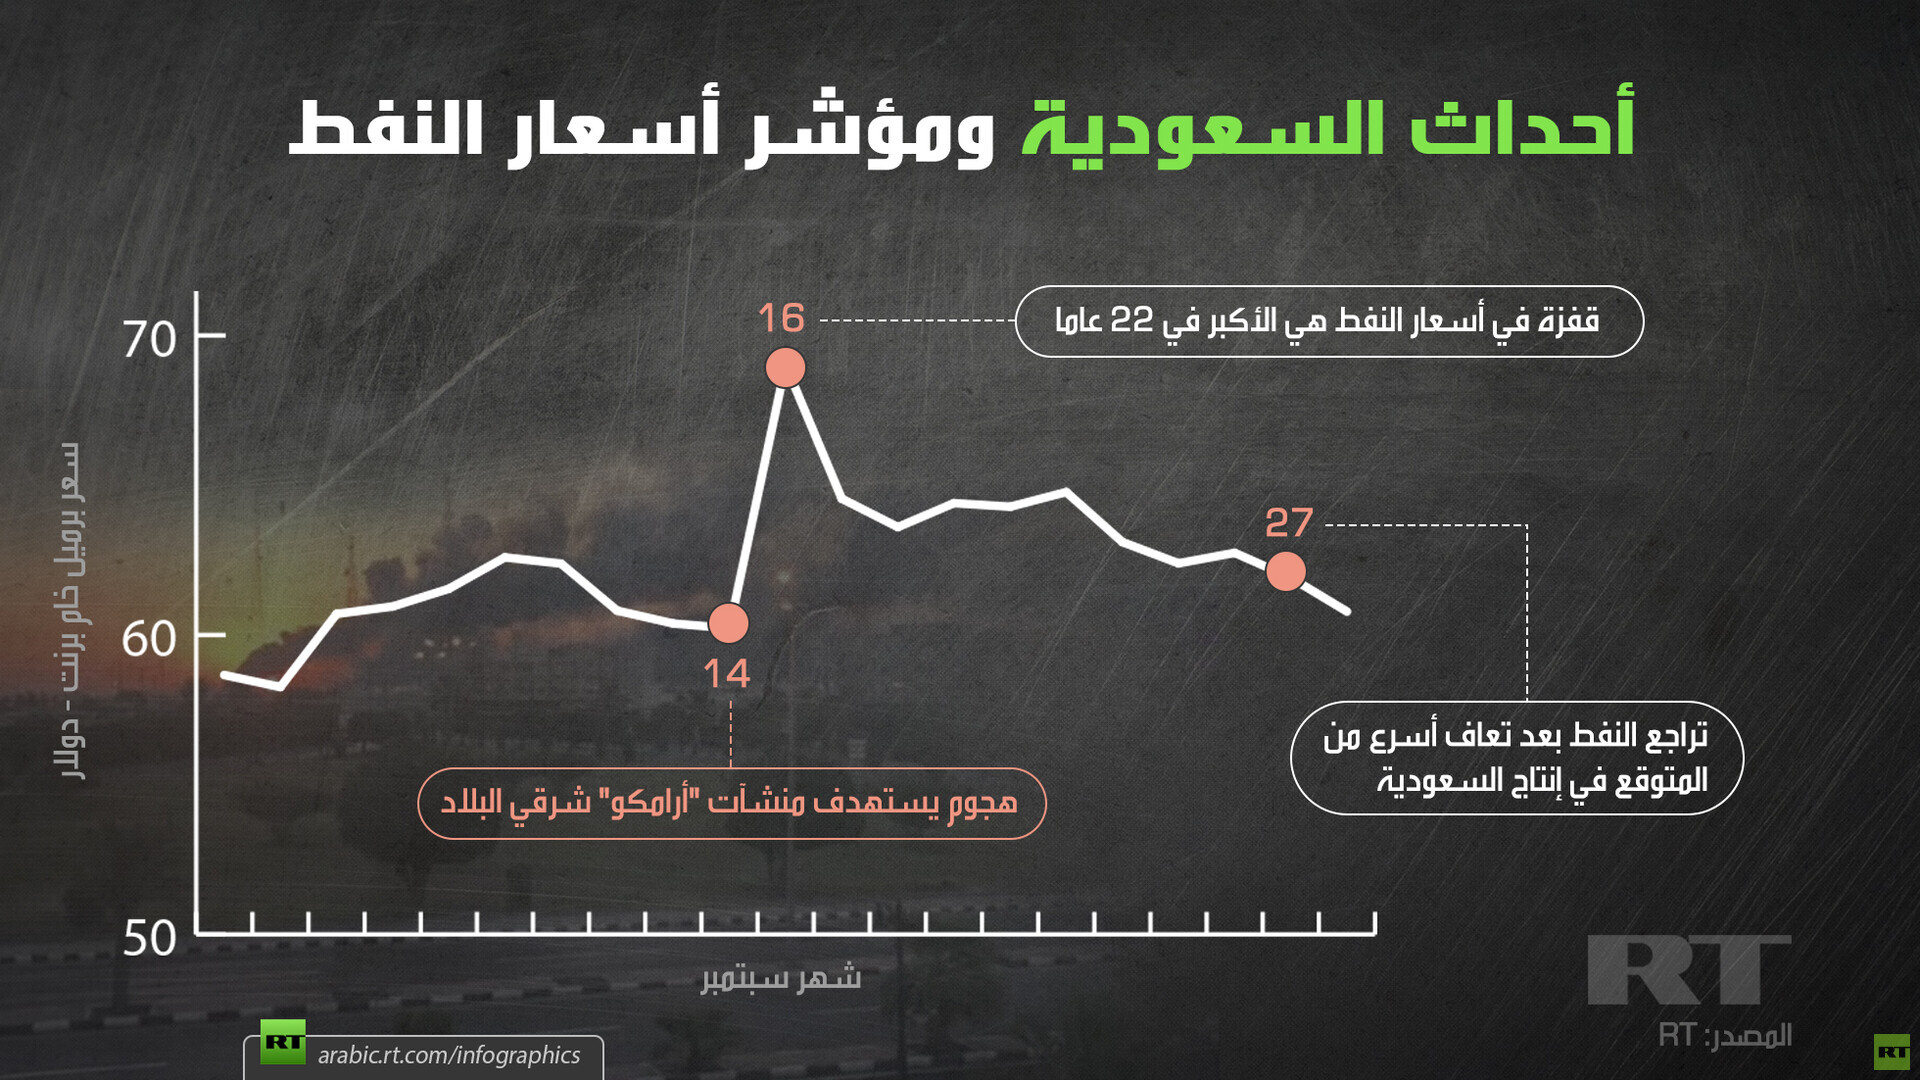 أحداث السعودية ومؤشر أسعار النفط